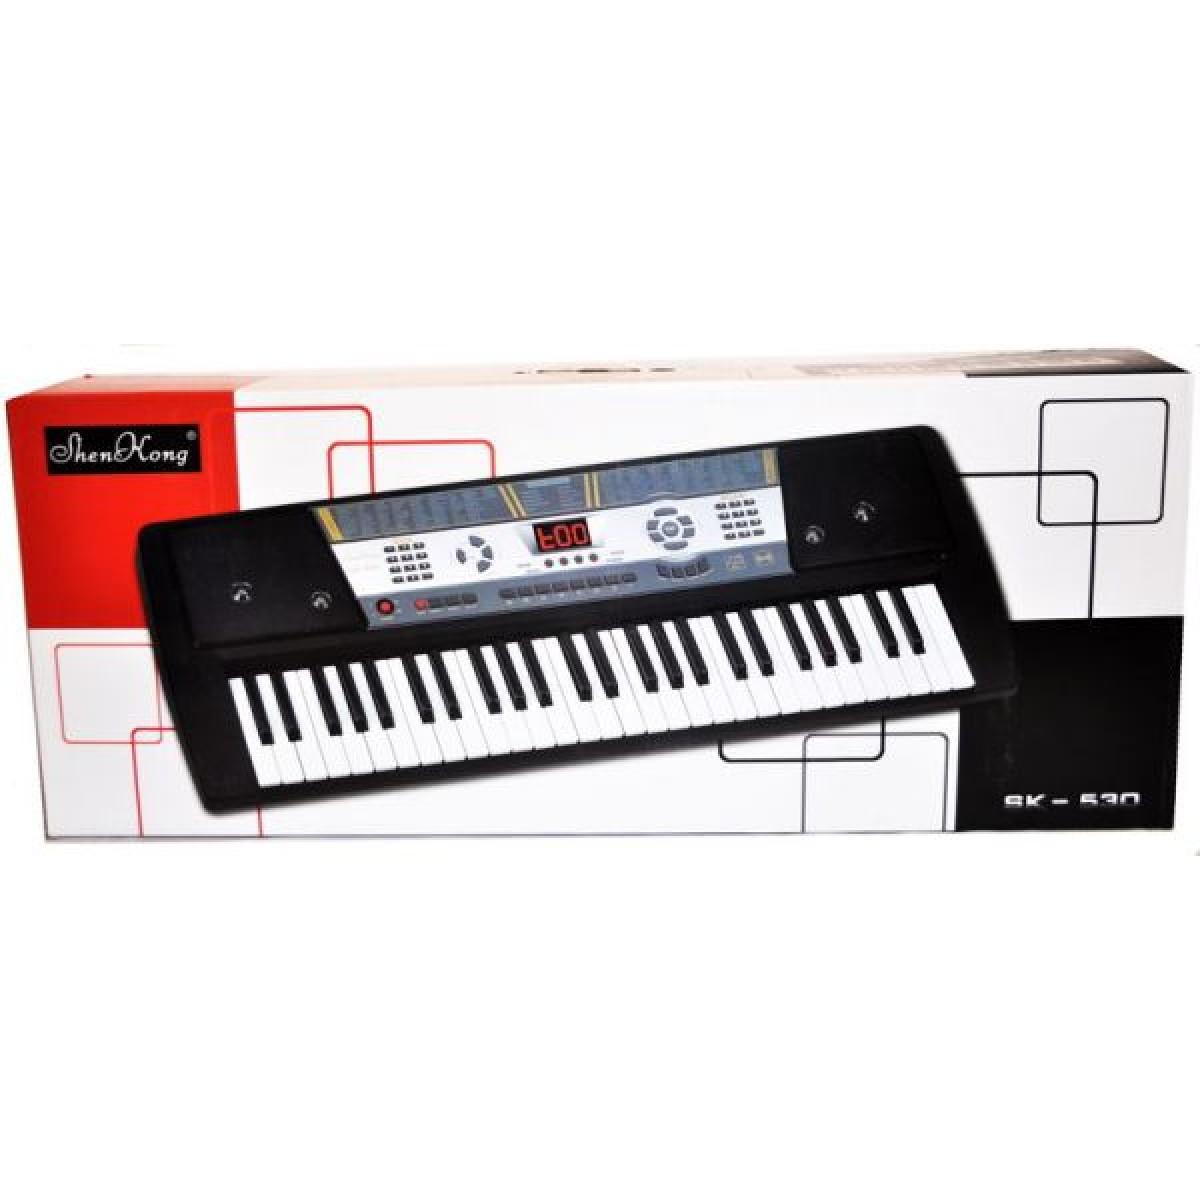 Схема цифрового пианино